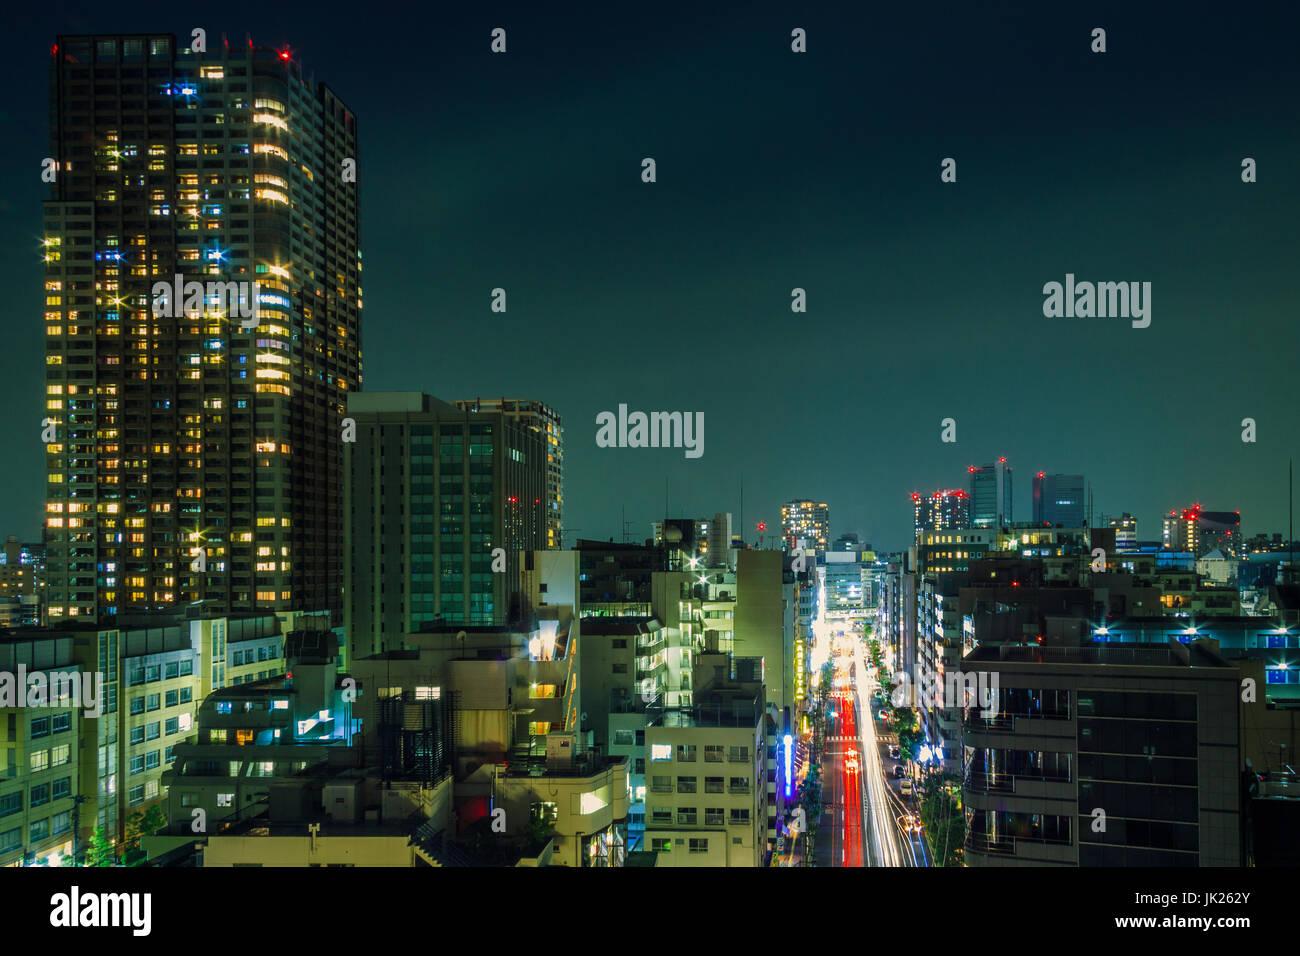 Tokio, Gotanda durante la noche Imagen De Stock